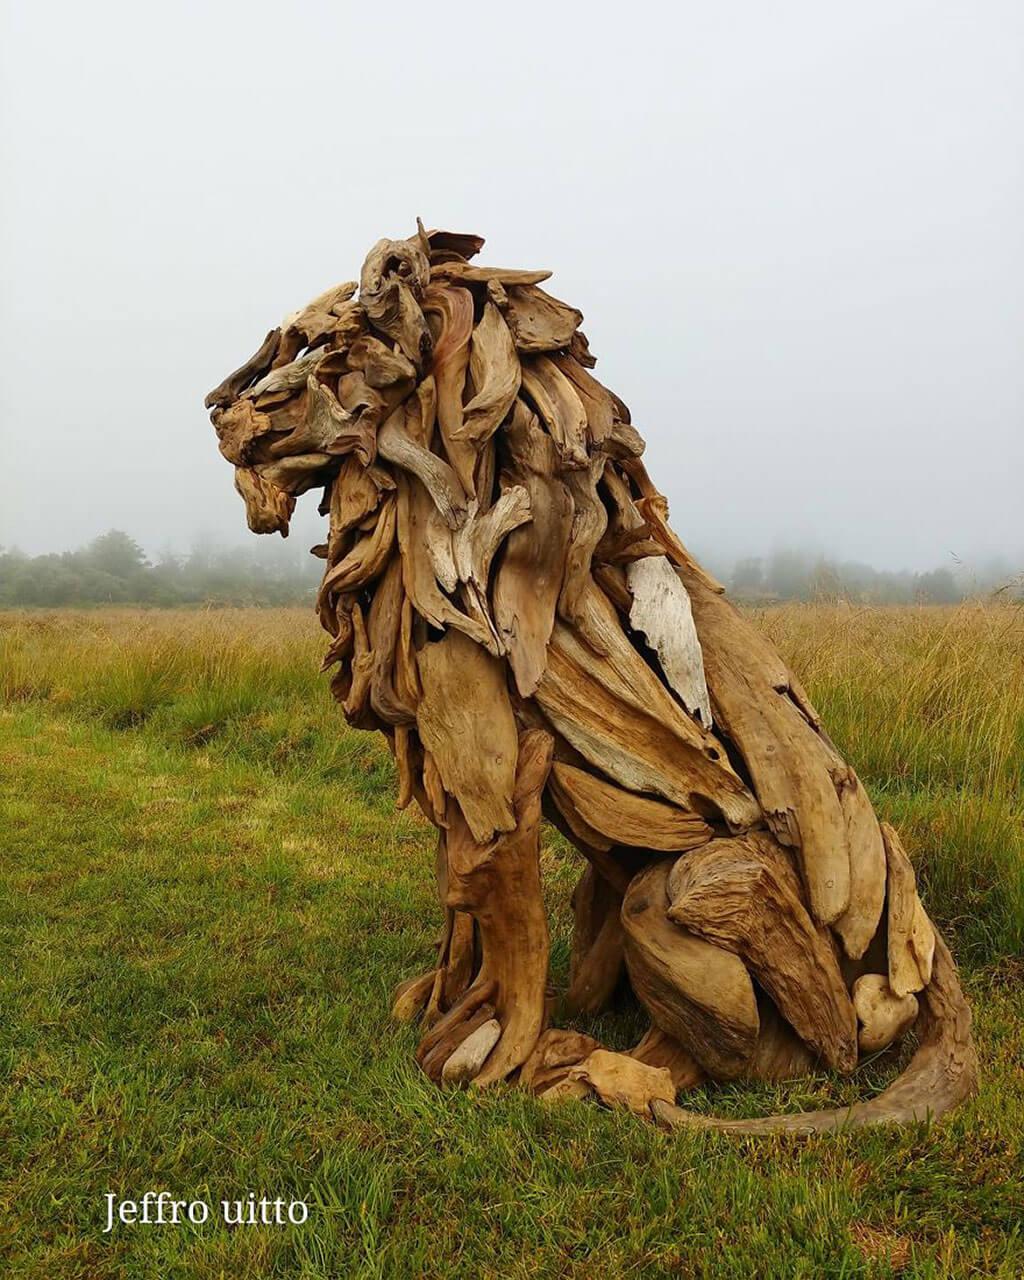 Driftwood sculpture of a lion